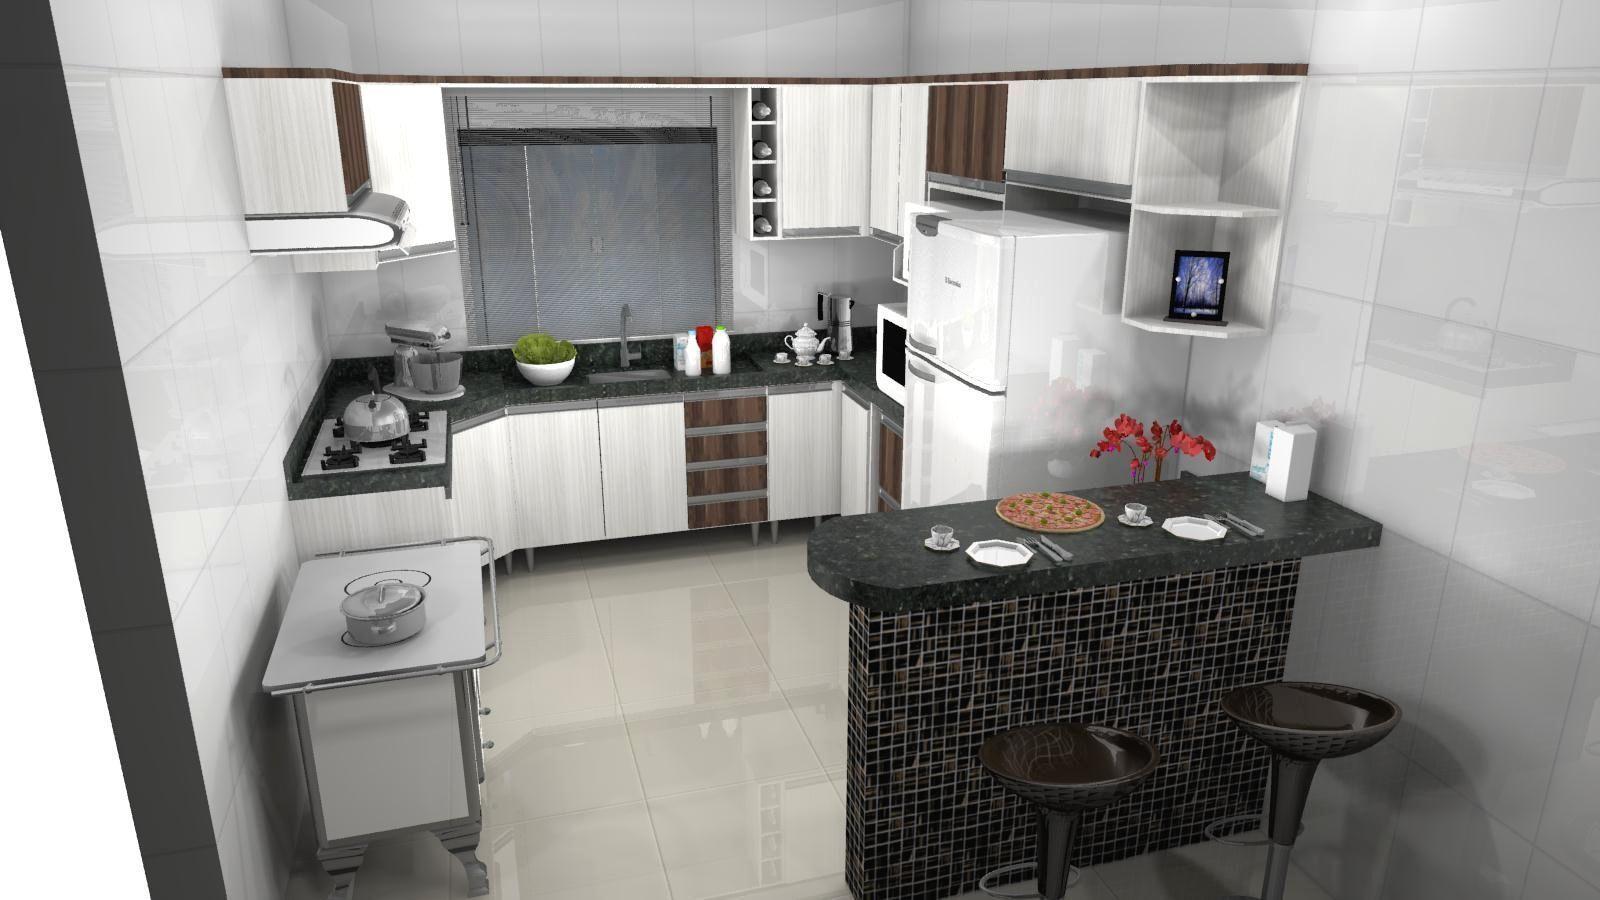 Cozinha Modelada Cozinha Modulada Smart Peas Henn Cozinha Modelada